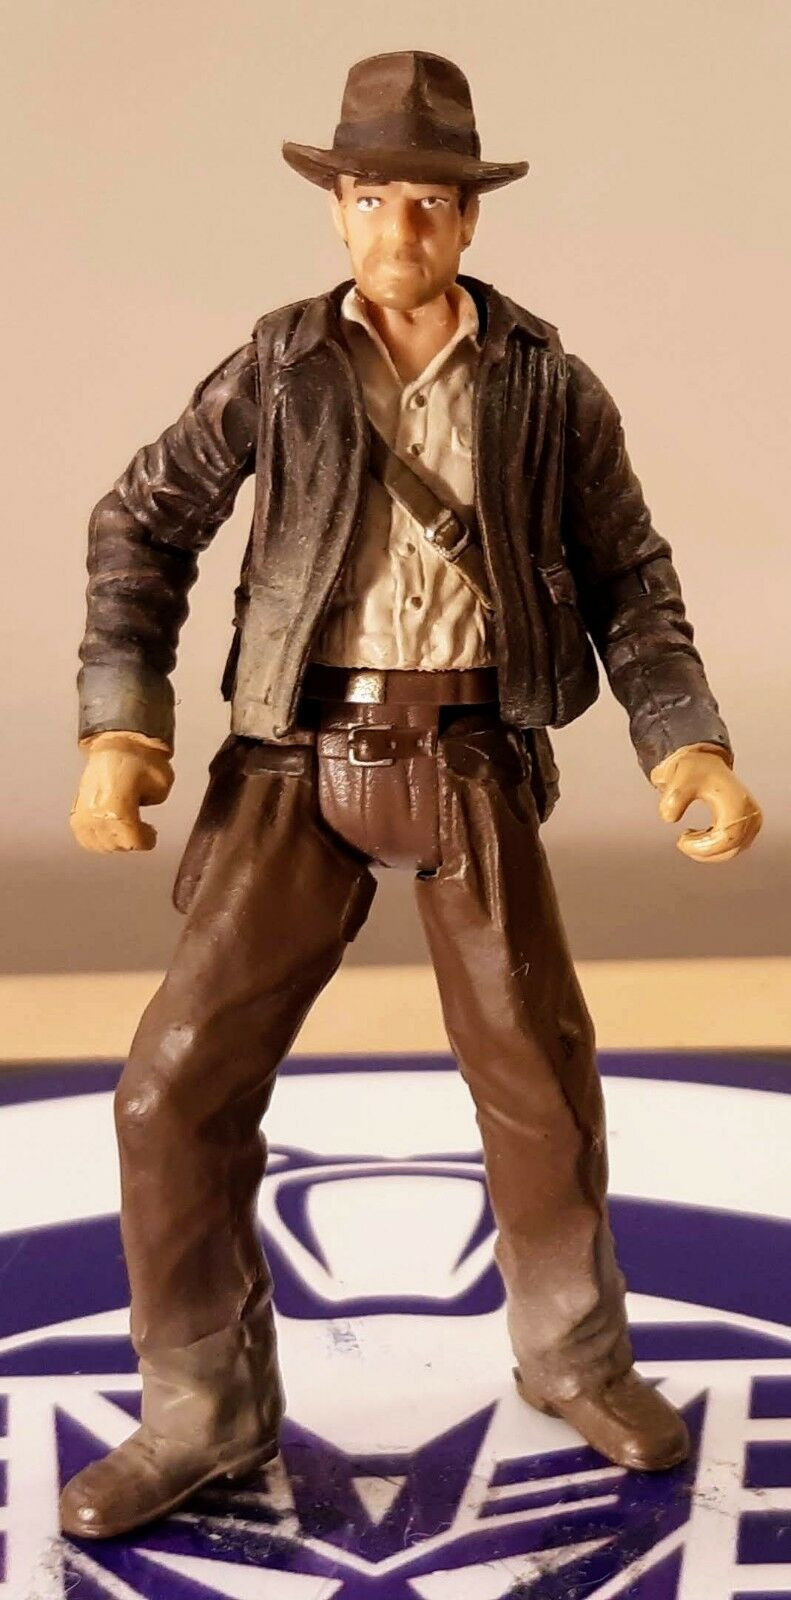 Indiana Jones Figura Figura Figura de Acción 2008 Hasbro Templo Alberca Caída Excelente  increíbles descuentos